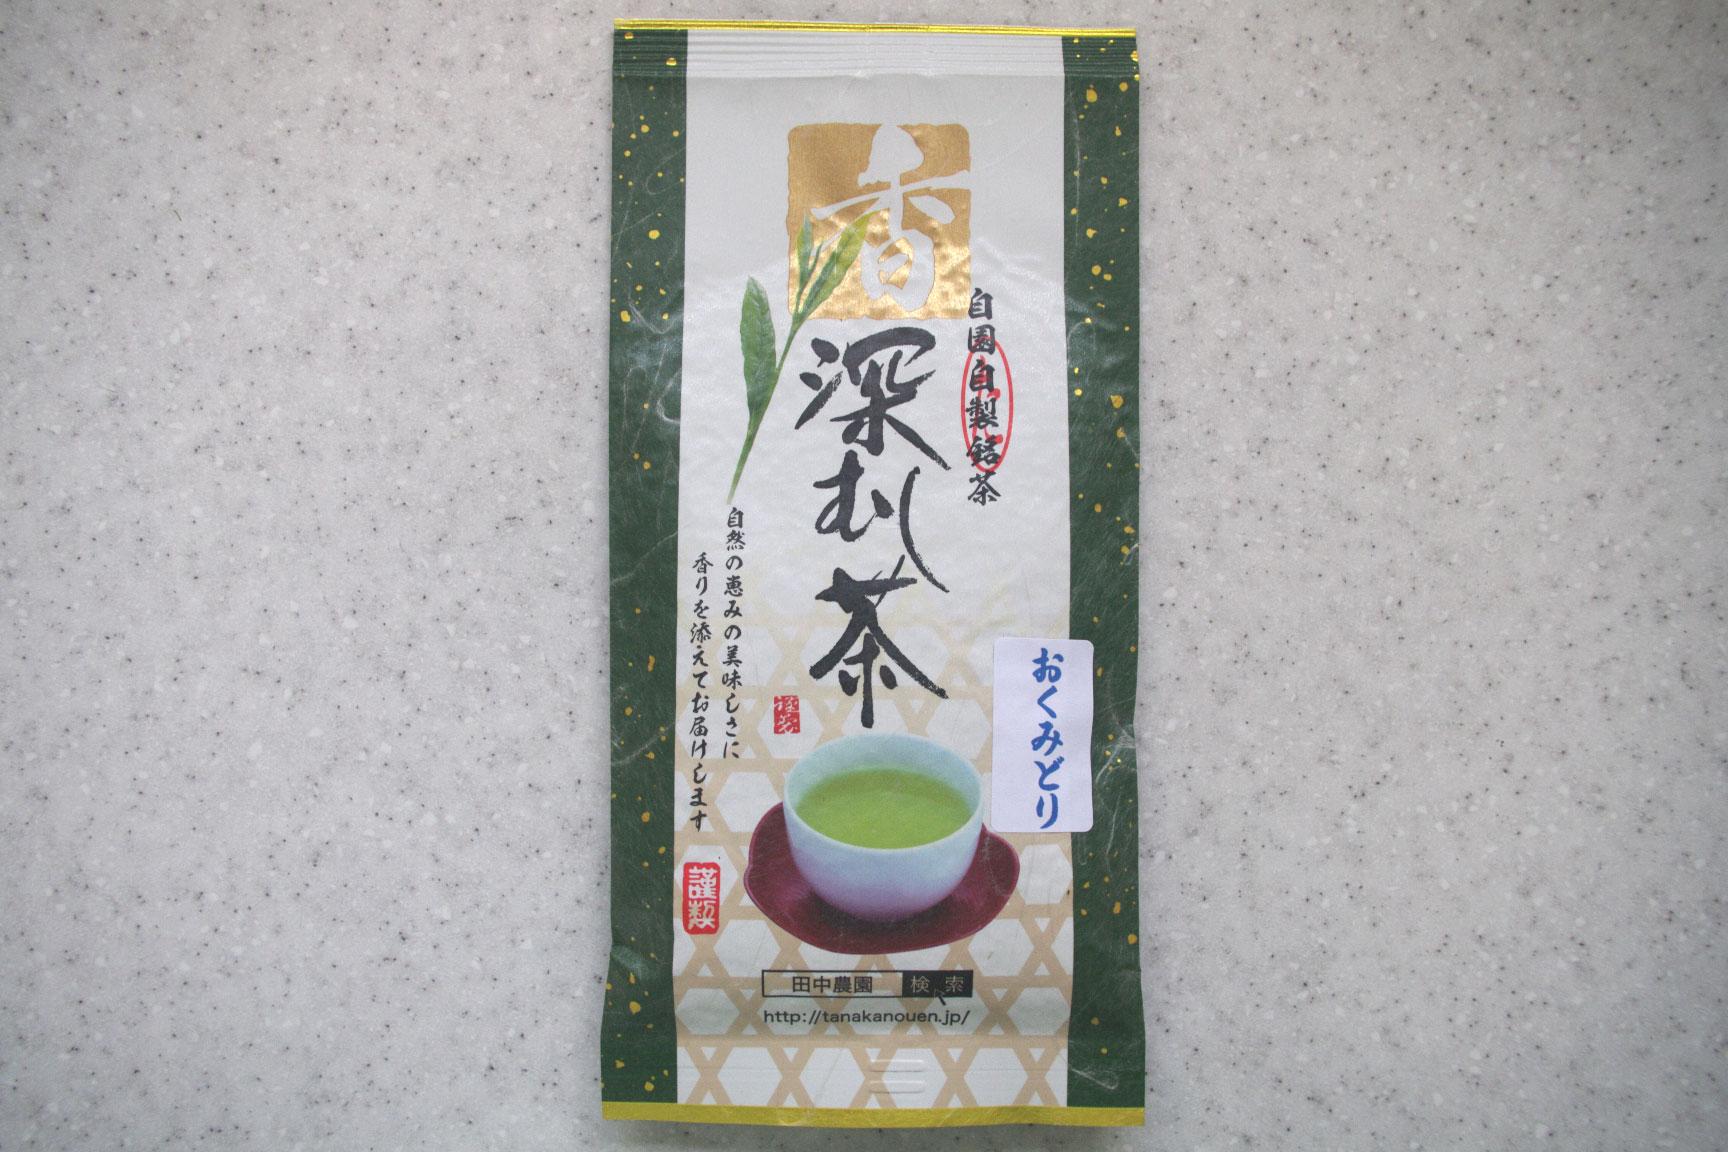 深蒸し茶 100g入 (おくみどり)